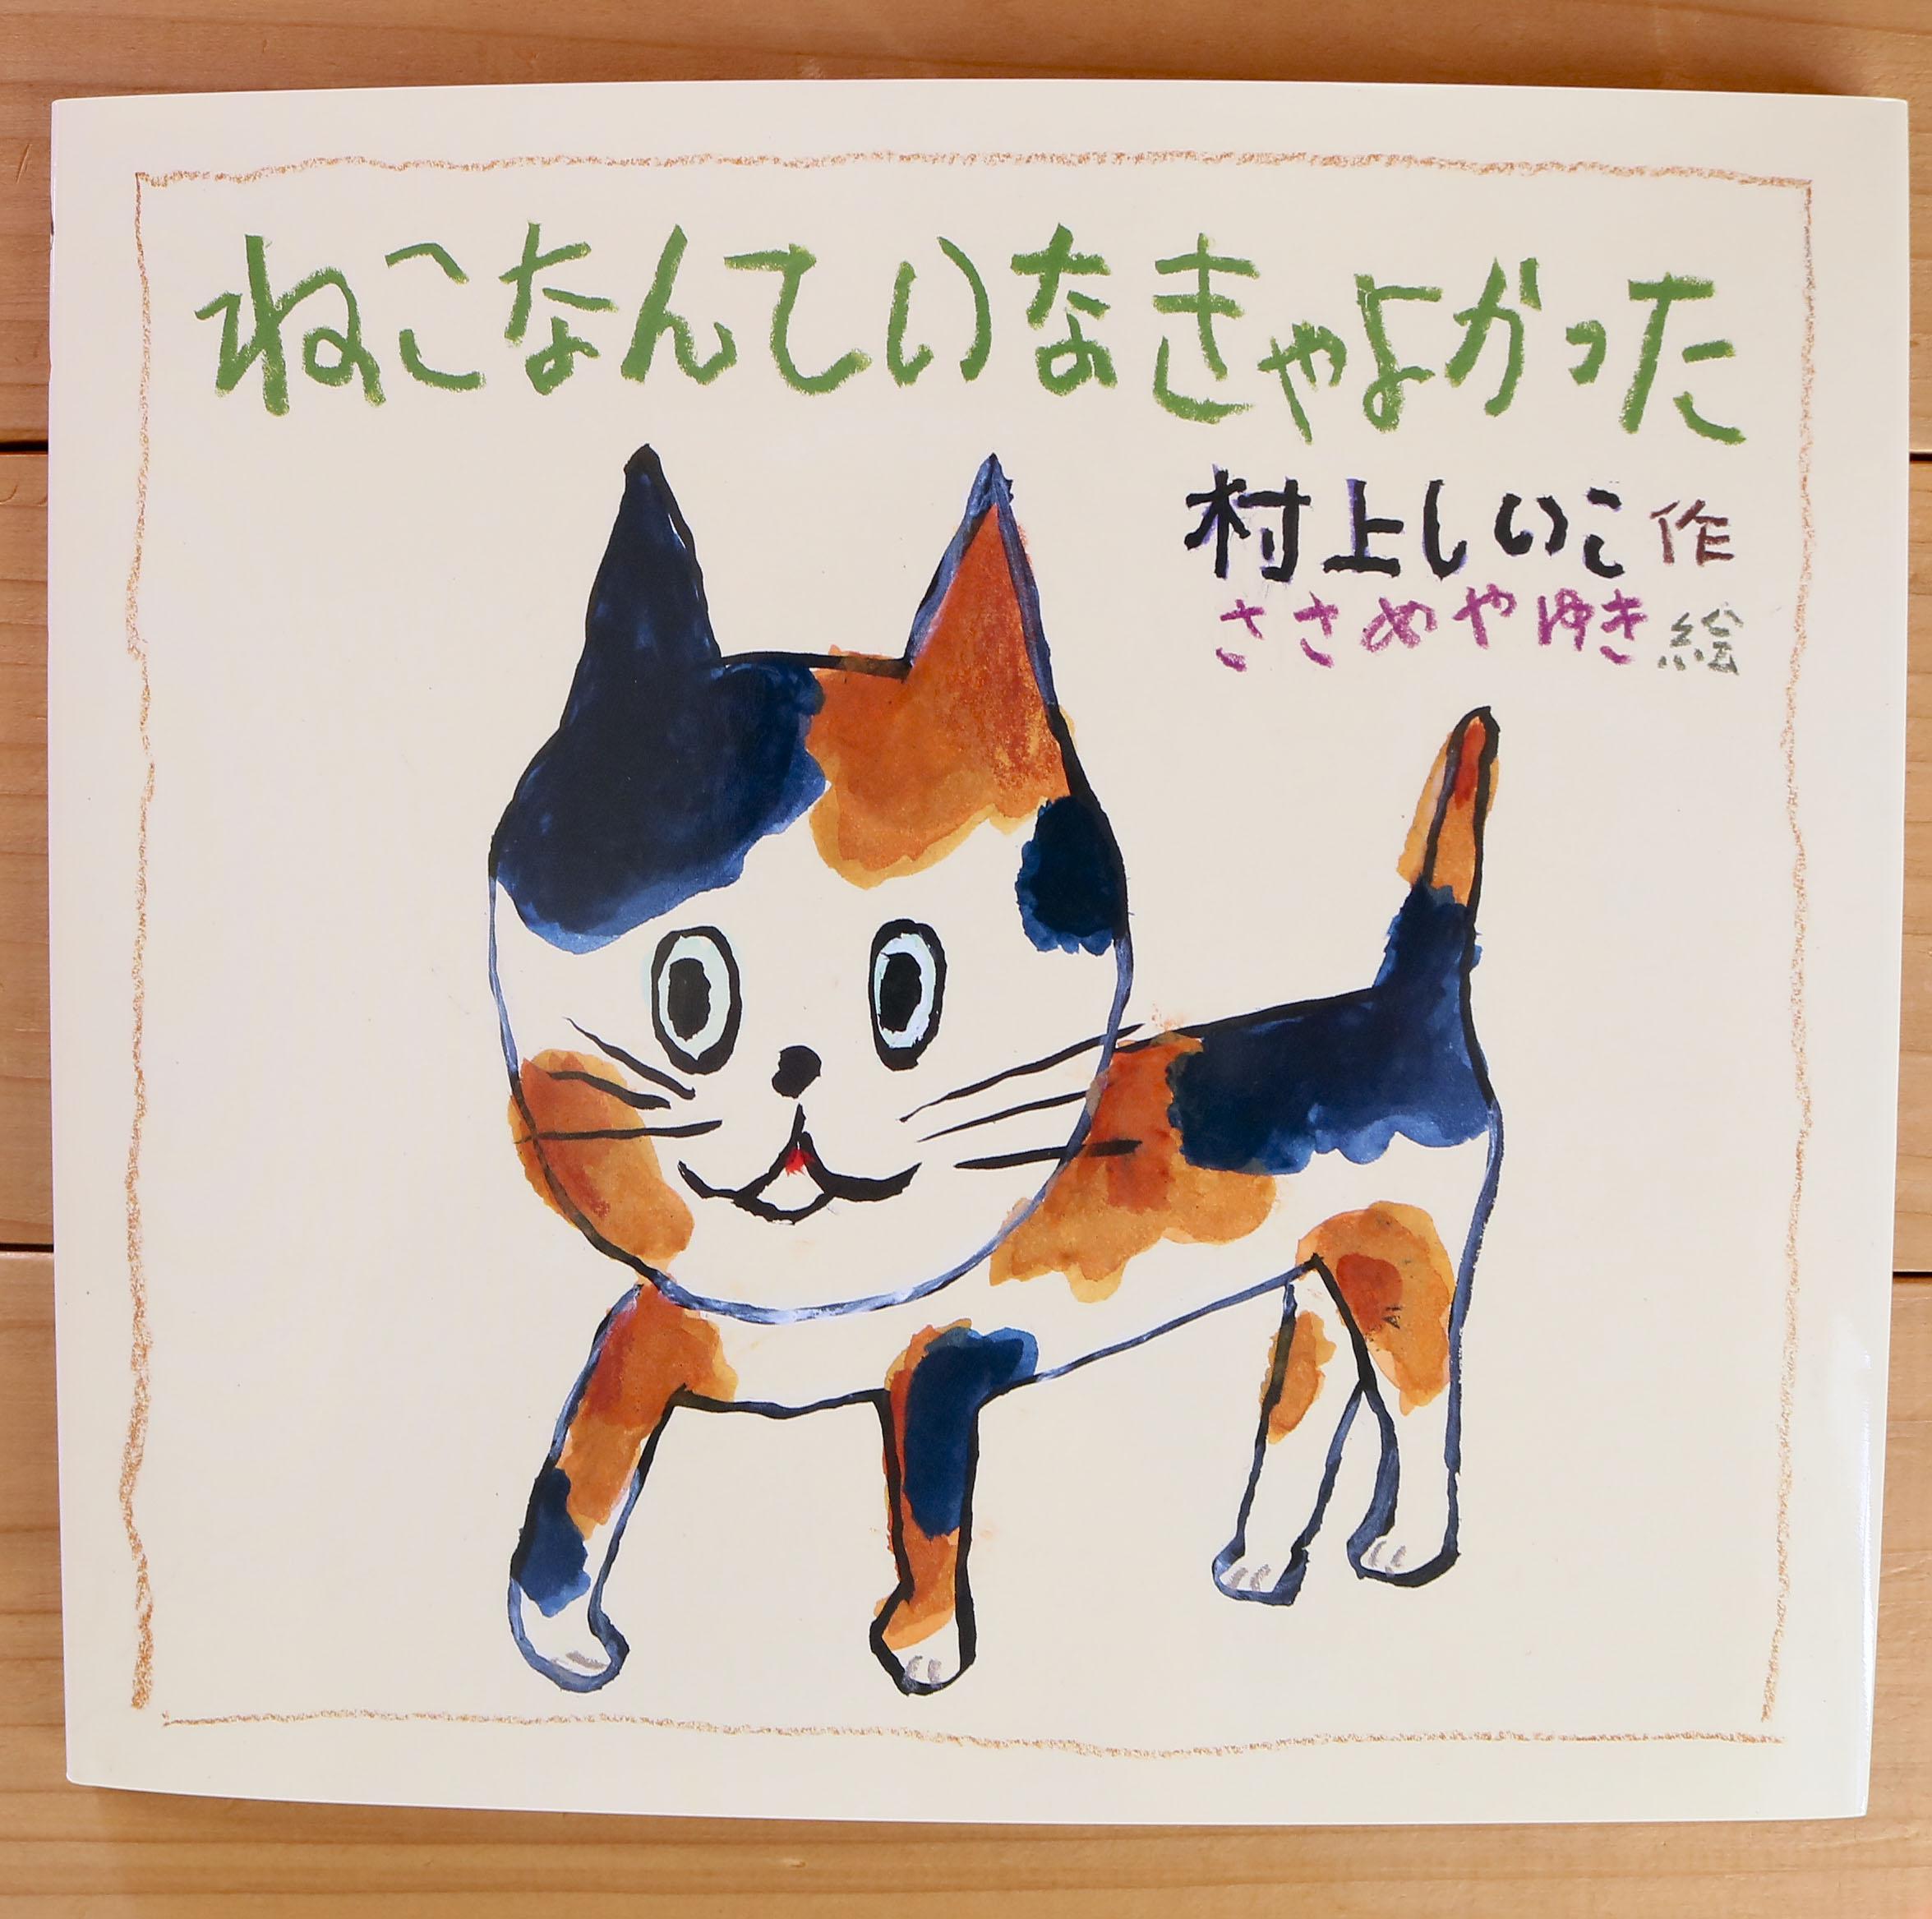 猫絵本 絵本 秋田 かぎしっぽ ねこなんていなきゃよかった